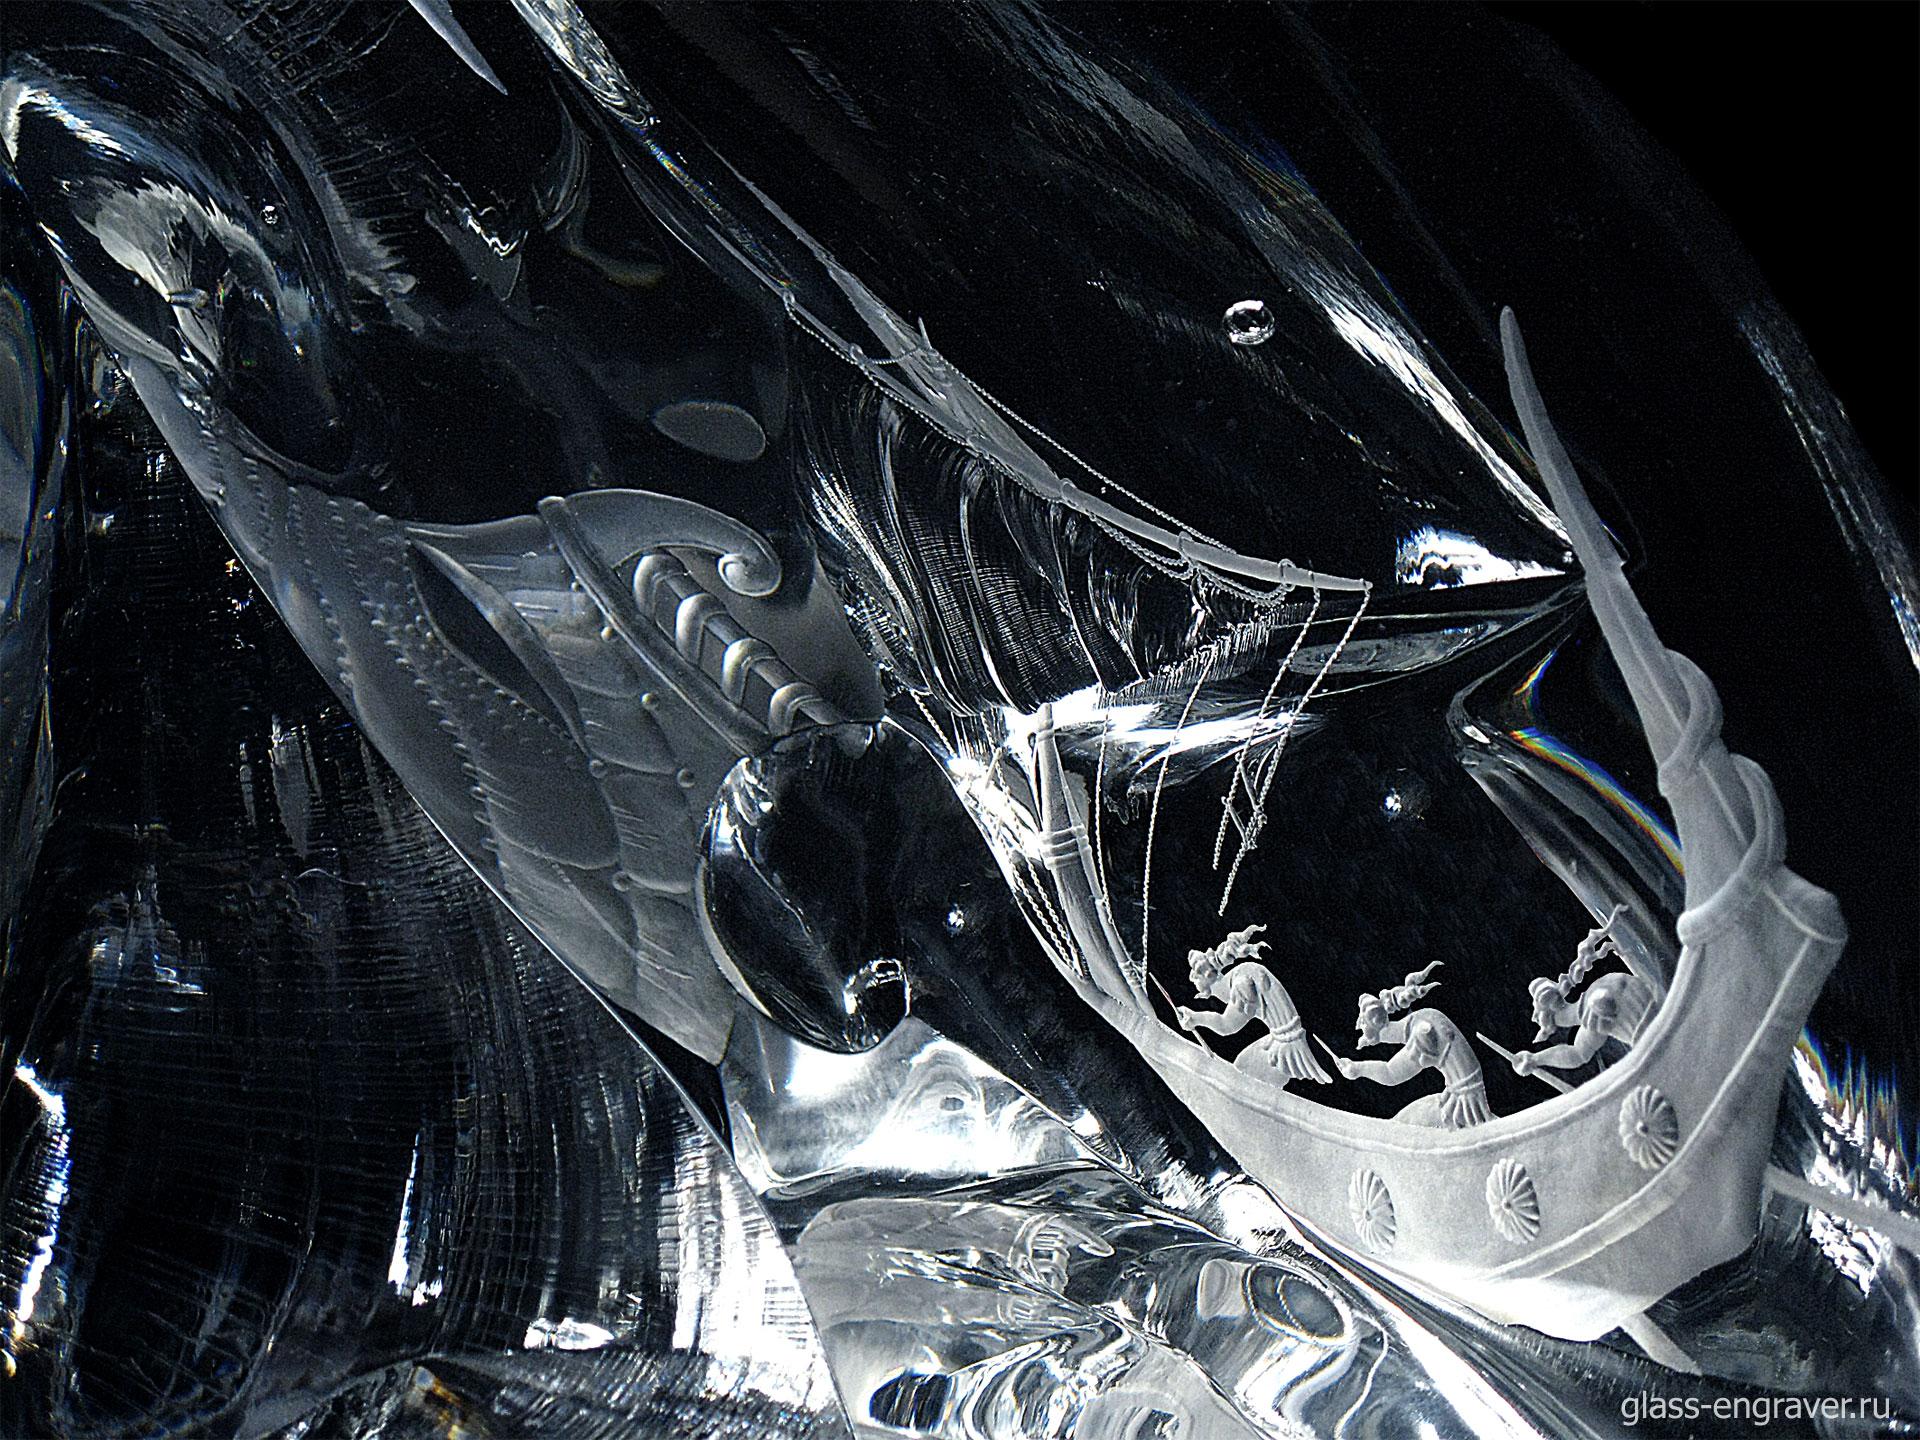 Открой для себя мир художественной гравировки стекла